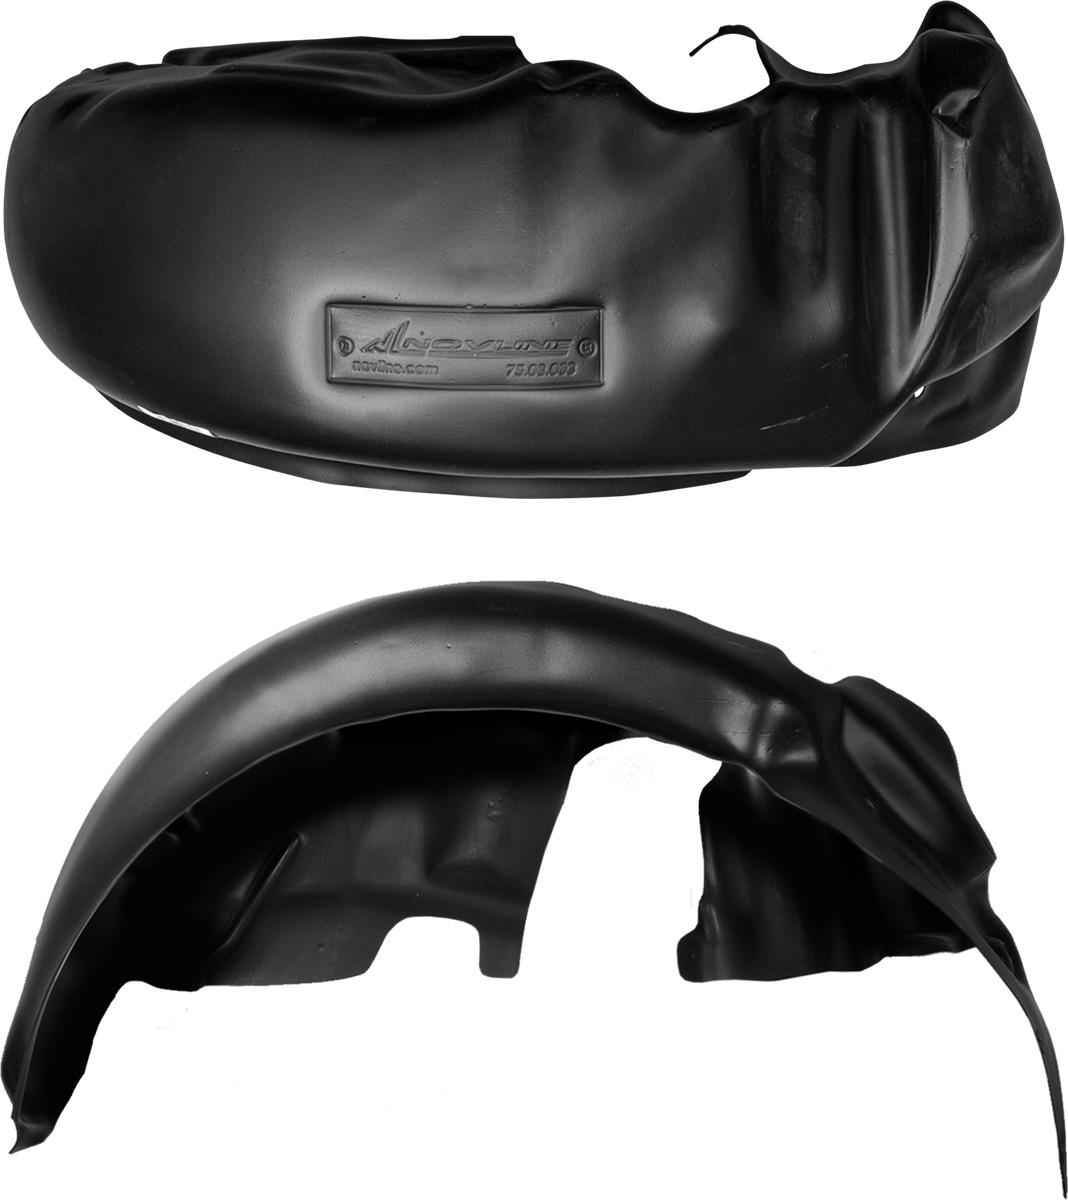 Подкрылок Novline-Autofamily, для Hyundai Solaris, 2014->, седан, задний правыйNLL.20.43.004Колесные ниши - одни из самых уязвимых зон днища вашего автомобиля. Они постоянно подвергаются воздействию со стороны дороги. Лучшая, почти абсолютная защита для них - специально отформованные пластиковые кожухи, которые называются подкрылками. Производятся они как для отечественных моделей автомобилей, так и для иномарок. Подкрылки Novline-Autofamily выполнены из высококачественного, экологически чистого пластика. Обеспечивают надежную защиту кузова автомобиля от пескоструйного эффекта и негативного влияния, агрессивных антигололедных реагентов. Пластик обладает более низкой теплопроводностью, чем металл, поэтому в зимний период эксплуатации использование пластиковых подкрылков позволяет лучше защитить колесные ниши от налипания снега и образования наледи. Оригинальность конструкции подчеркивает элегантность автомобиля, бережно защищает нанесенное на днище кузова антикоррозийное покрытие и позволяет осуществить крепление подкрылков внутри колесной арки практически без дополнительного крепежа и сверления, не нарушая при этом лакокрасочного покрытия, что предотвращает возникновение новых очагов коррозии. Подкрылки долговечны, обладают высокой прочностью и сохраняют заданную форму, а также все свои физико-механические характеристики в самых тяжелых климатических условиях (от -50°С до +50°С).Уважаемые клиенты!Обращаем ваше внимание, на тот факт, что подкрылок имеет форму, соответствующую модели данного автомобиля. Фото служит для визуального восприятия товара.